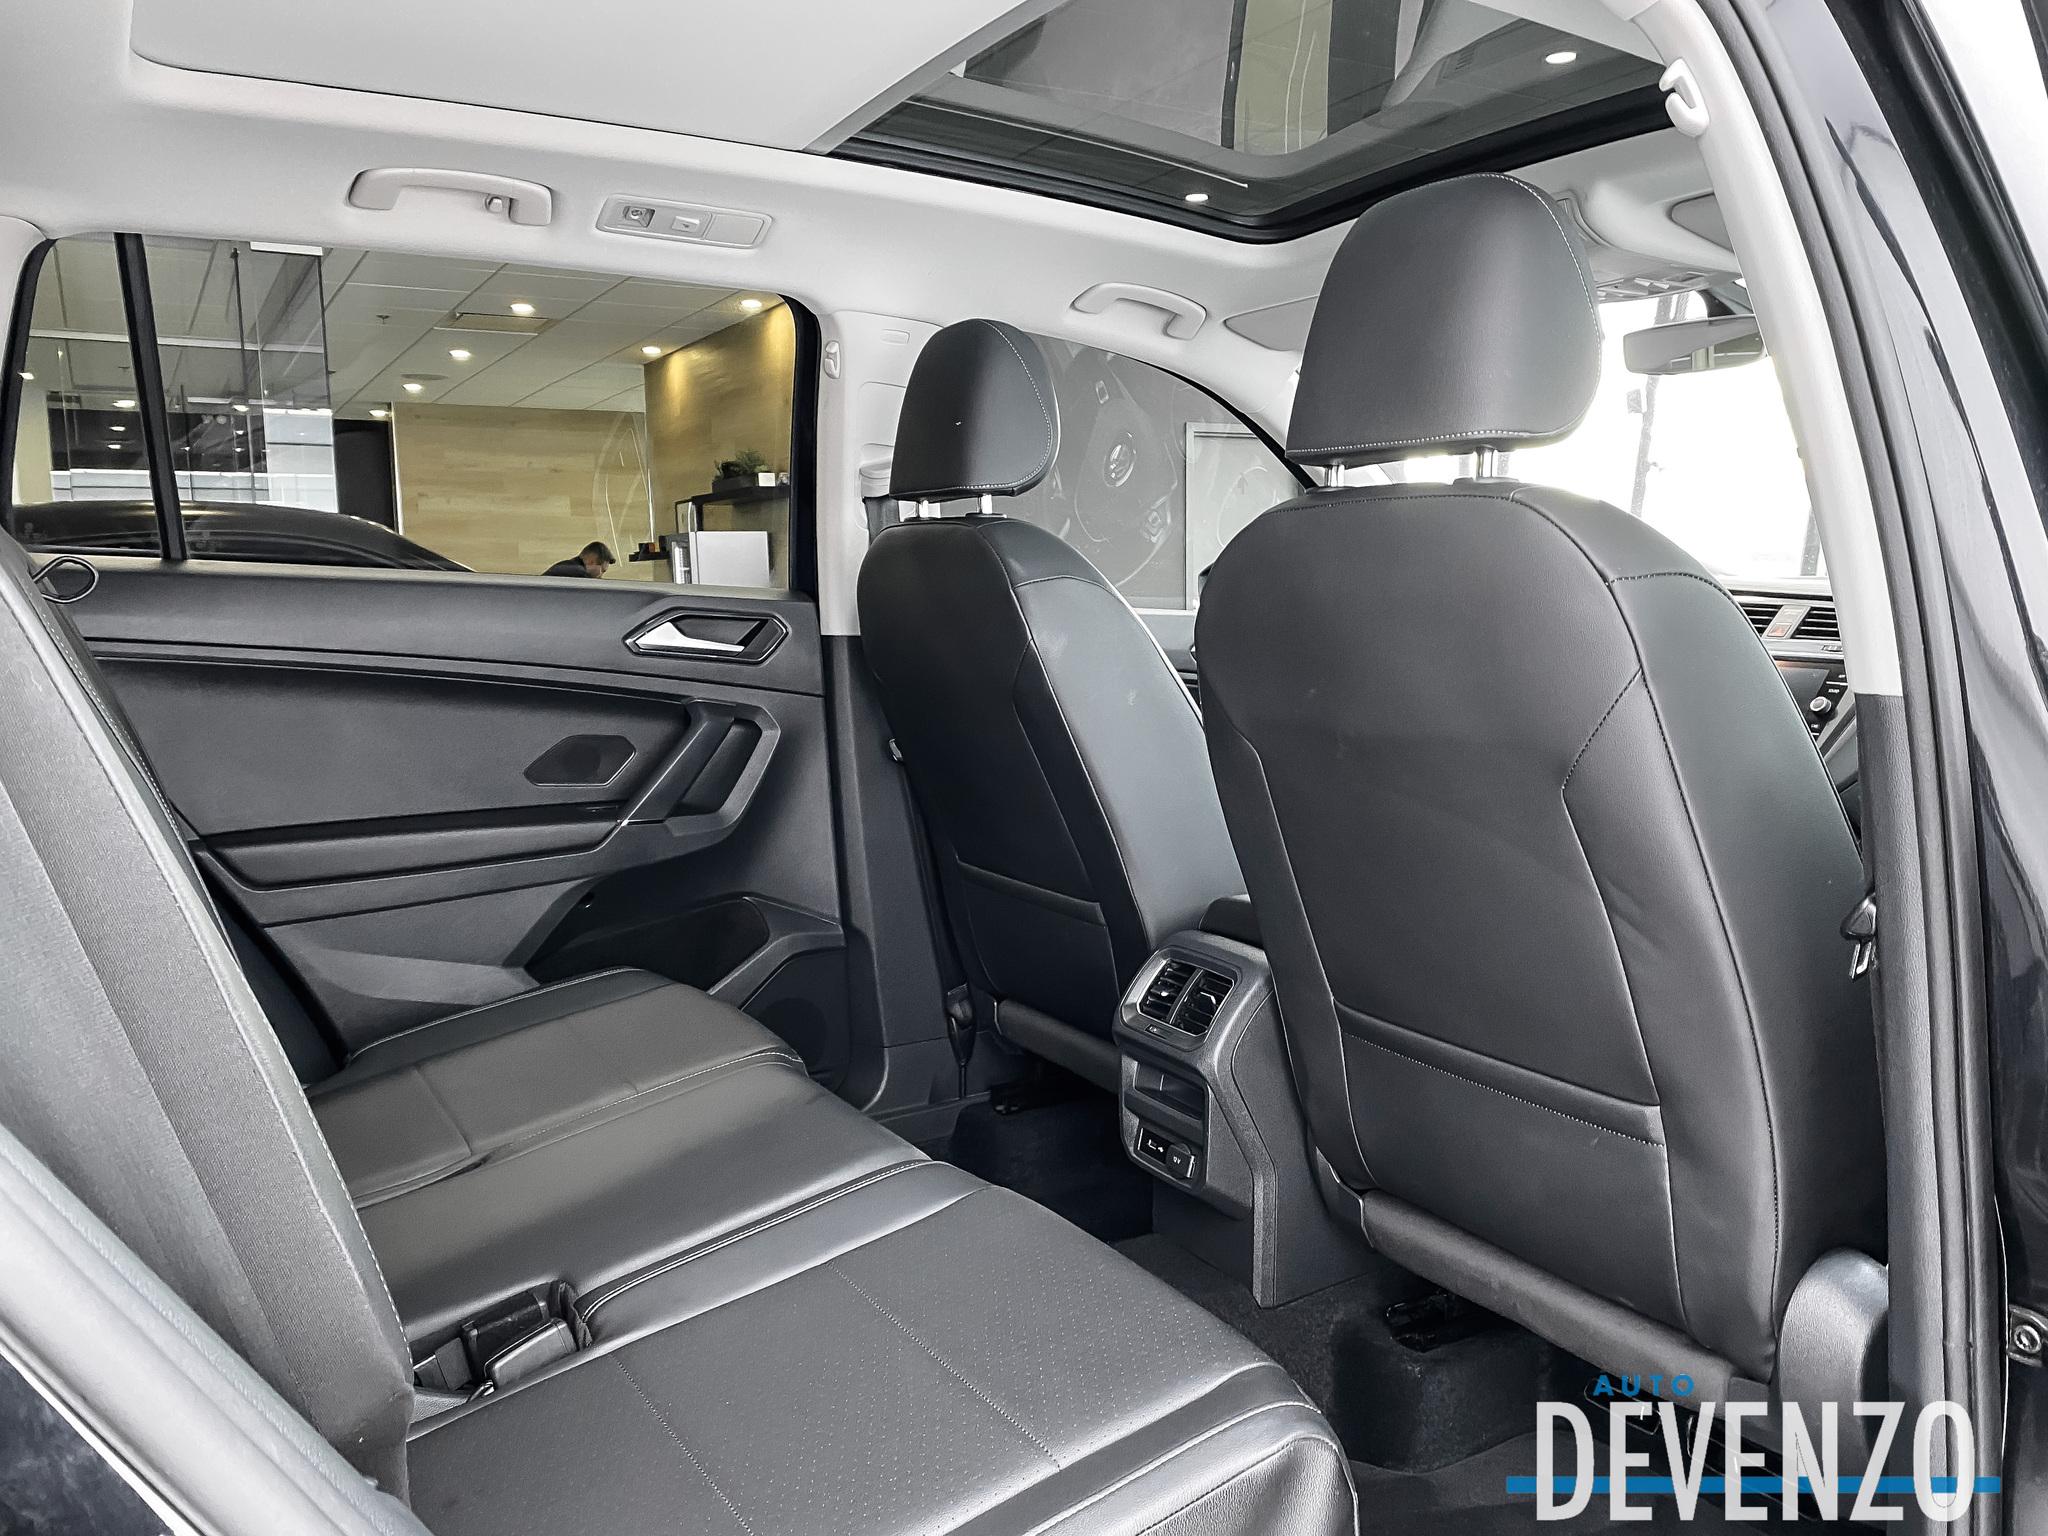 2018 Volkswagen Tiguan Comfortline 4MOTION Cuir / Toit Pano / Camera complet